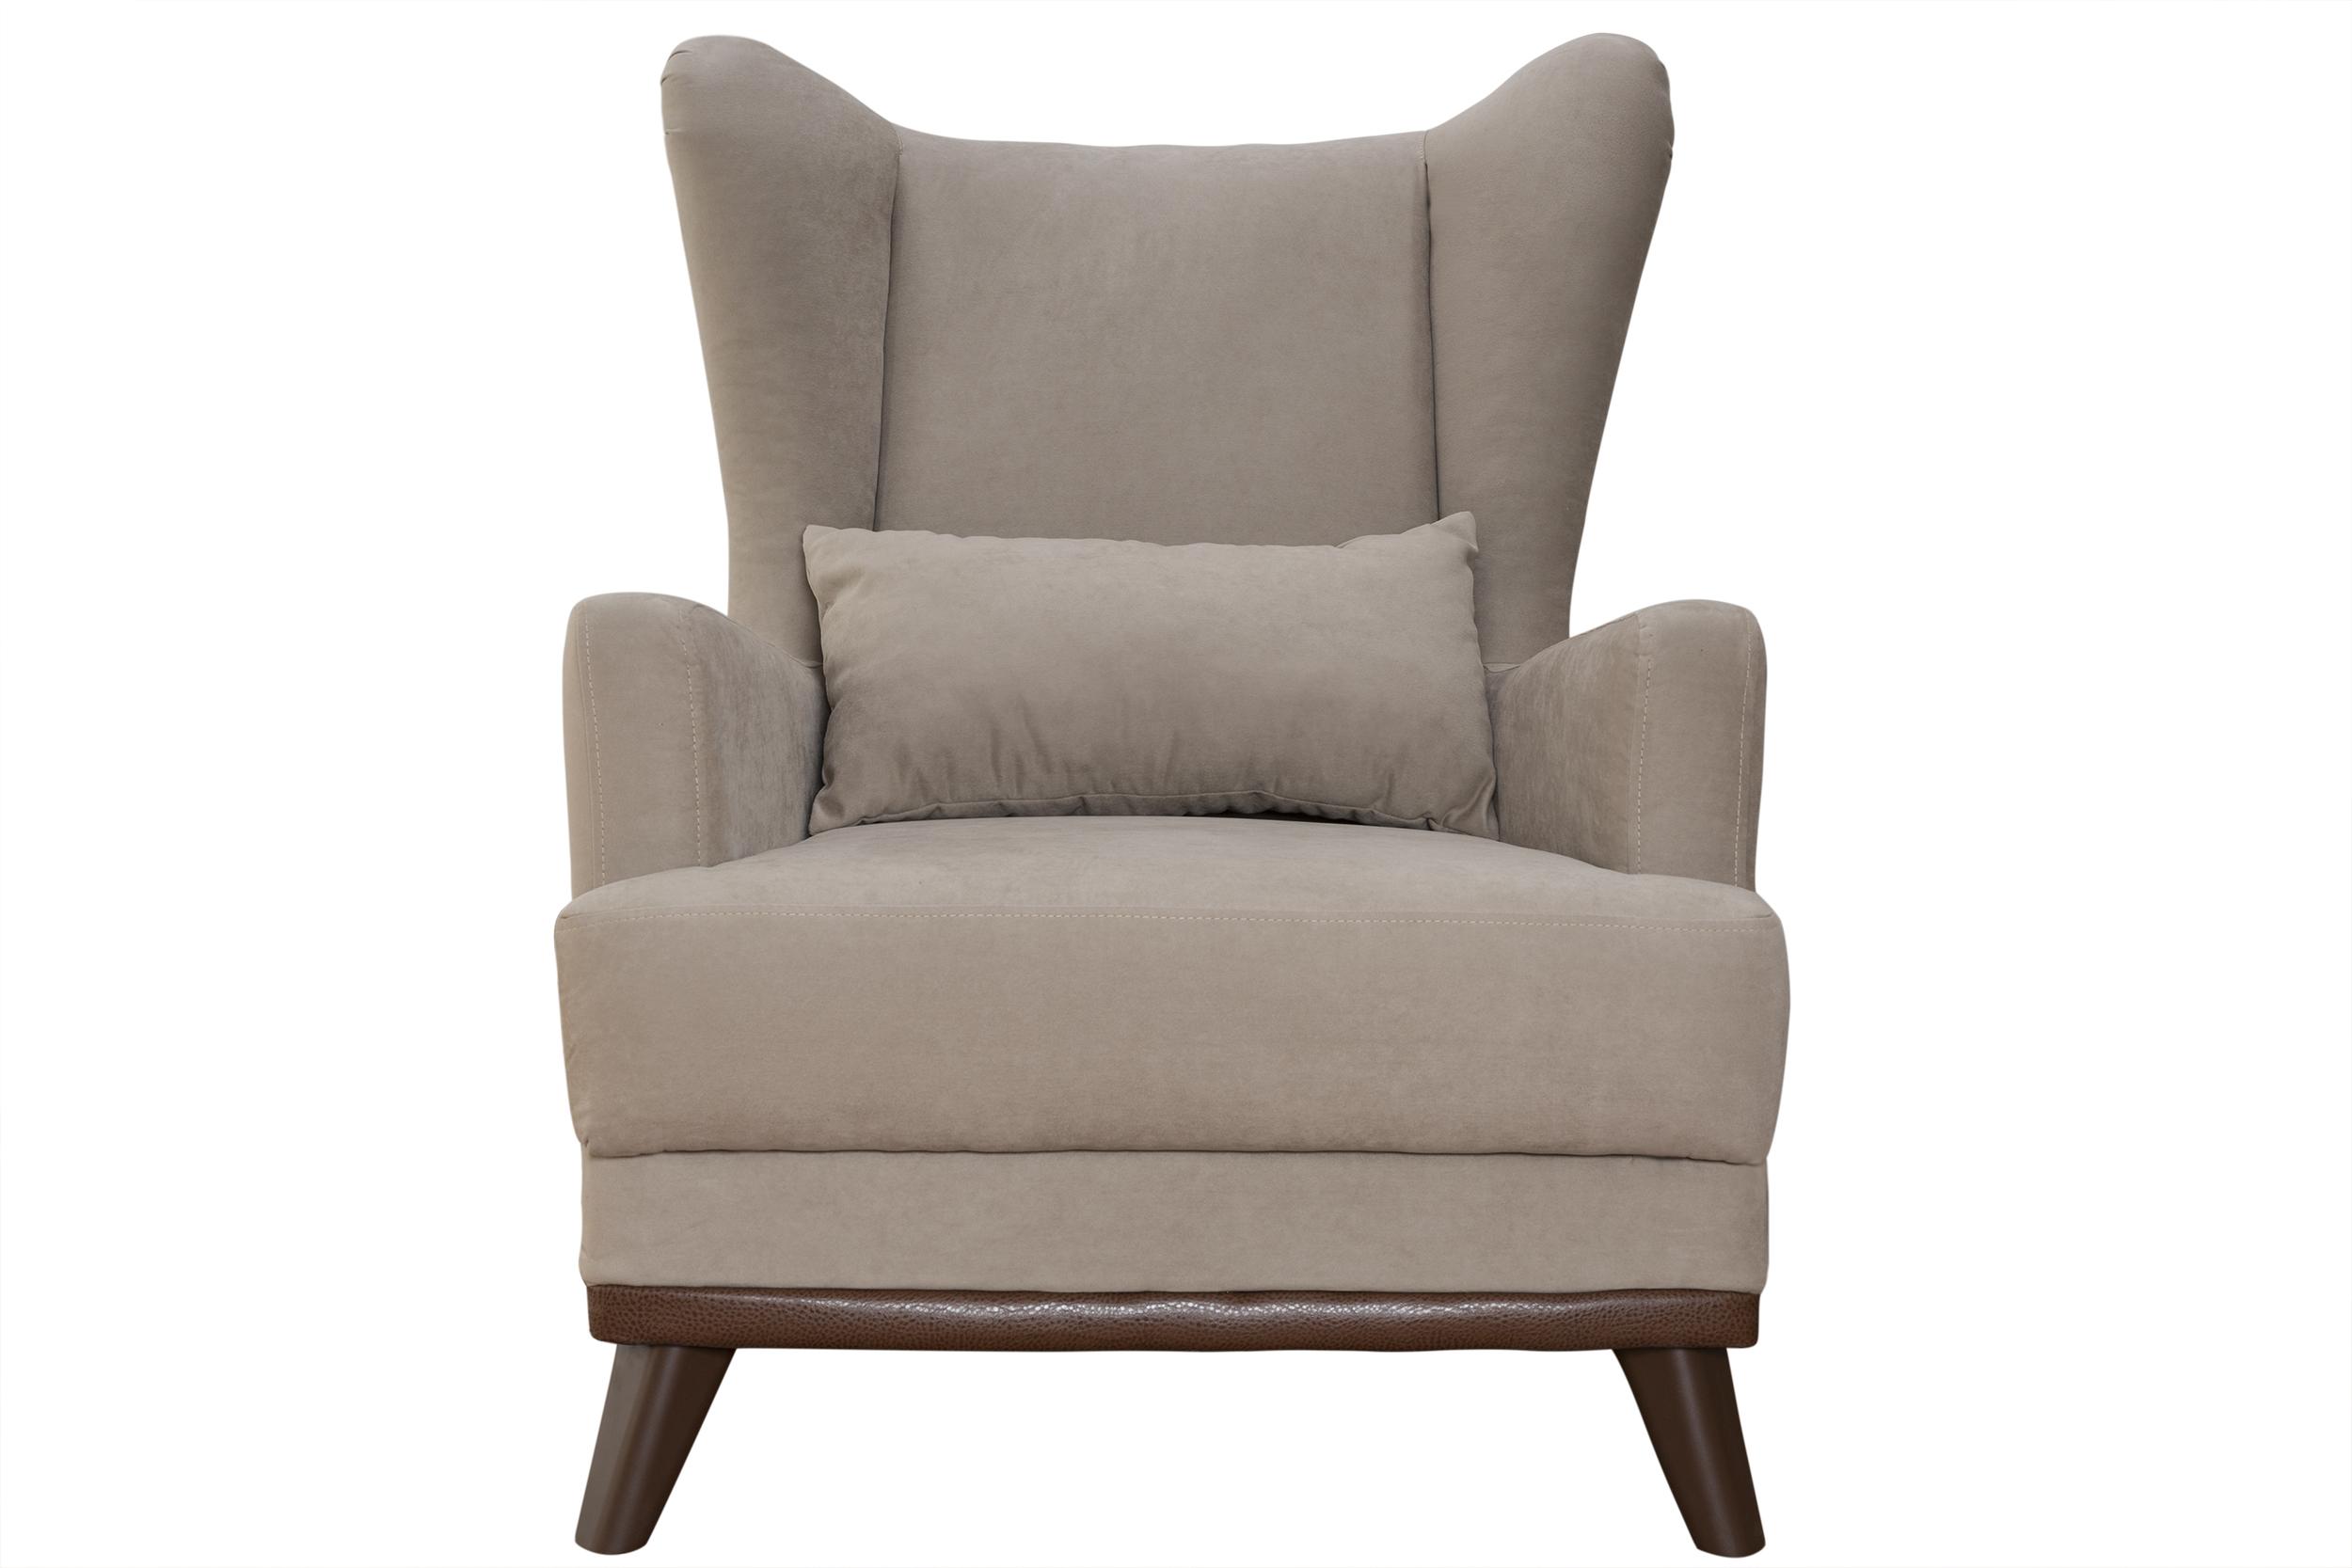 КреслоИнтерьерные кресла<br>&amp;lt;div&amp;gt;Характеристика: Каркас кресла выполнен из ЛДСП, фанеры, деревянного бруса.&amp;amp;nbsp;&amp;lt;/div&amp;gt;&amp;lt;div&amp;gt;Элементы сиденья и спальная часть из ППУ.&amp;amp;nbsp;&amp;lt;/div&amp;gt;&amp;lt;div&amp;gt;Наполнитель подушек – полиэфирное волокно и крошка ППУ.&amp;amp;nbsp;&amp;lt;/div&amp;gt;&amp;lt;div&amp;gt;Опоры – пластик.&amp;lt;/div&amp;gt;&amp;lt;div&amp;gt;Декоративная отстрочка.&amp;amp;nbsp;&amp;lt;/div&amp;gt;&amp;lt;div&amp;gt;Декоративная накладка обитая кожзамом.&amp;lt;/div&amp;gt;&amp;lt;div&amp;gt;&amp;lt;br&amp;gt;&amp;lt;/div&amp;gt;&amp;lt;div&amp;gt;Размеры мебели могут отличаться от заявленных в пределах 3 см.&amp;amp;nbsp;&amp;lt;/div&amp;gt;&amp;lt;div&amp;gt;В связи с постоянной работой над усовершенствованием моделей, фабрика оставляет за собой право внесения изменений в модели.&amp;amp;nbsp;&amp;lt;/div&amp;gt;&amp;lt;div&amp;gt;Небольшие недоразумения не исключаются.&amp;lt;/div&amp;gt;&amp;lt;div&amp;gt;Фотографии тканей могут отличаться от реальных цветов.&amp;amp;nbsp;&amp;lt;/div&amp;gt;&amp;lt;div&amp;gt;При заказе мебели обязательно смотрите на образцы тканей.&amp;lt;/div&amp;gt;&amp;lt;div&amp;gt;&amp;lt;br&amp;gt;&amp;lt;/div&amp;gt;<br><br>Material: Текстиль<br>Ширина см: 87<br>Высота см: 94<br>Глубина см: 86